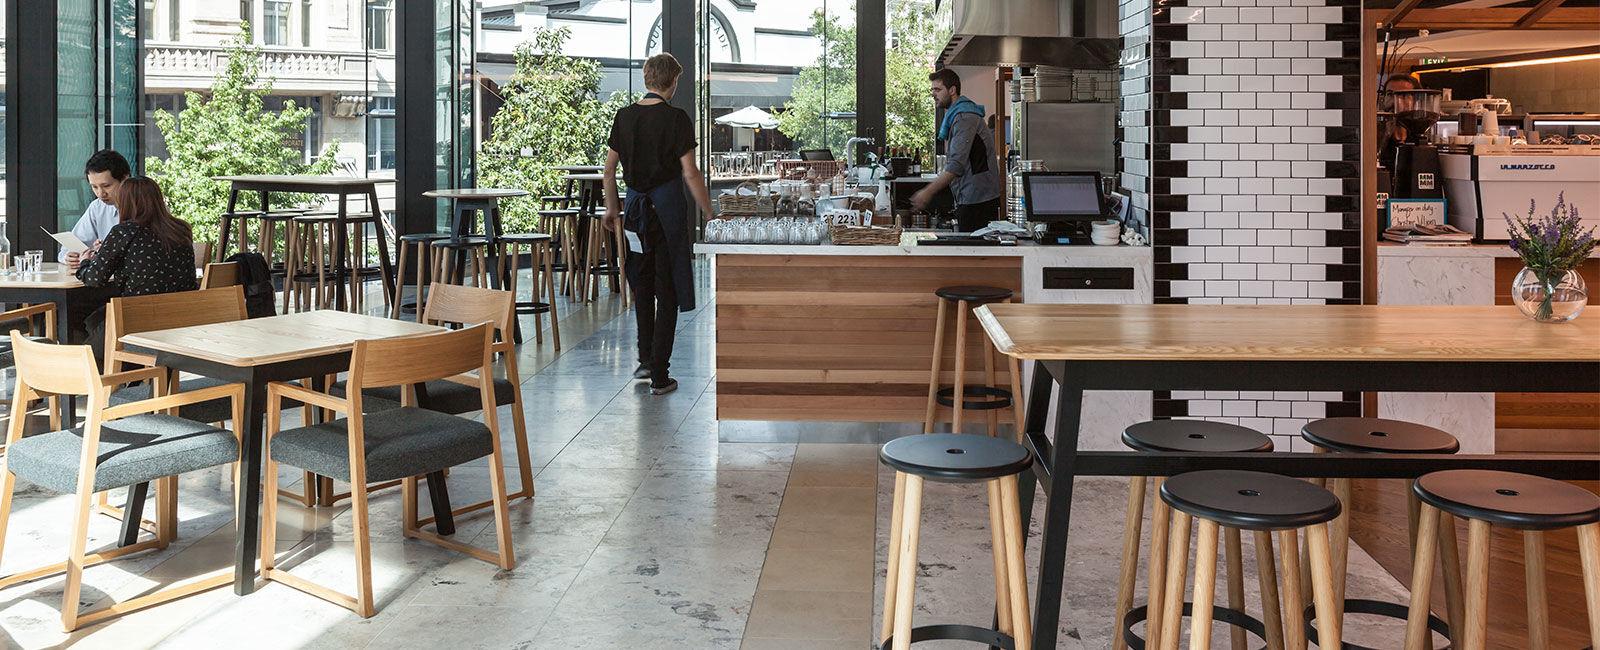 Lunchroom Cafe Furniture